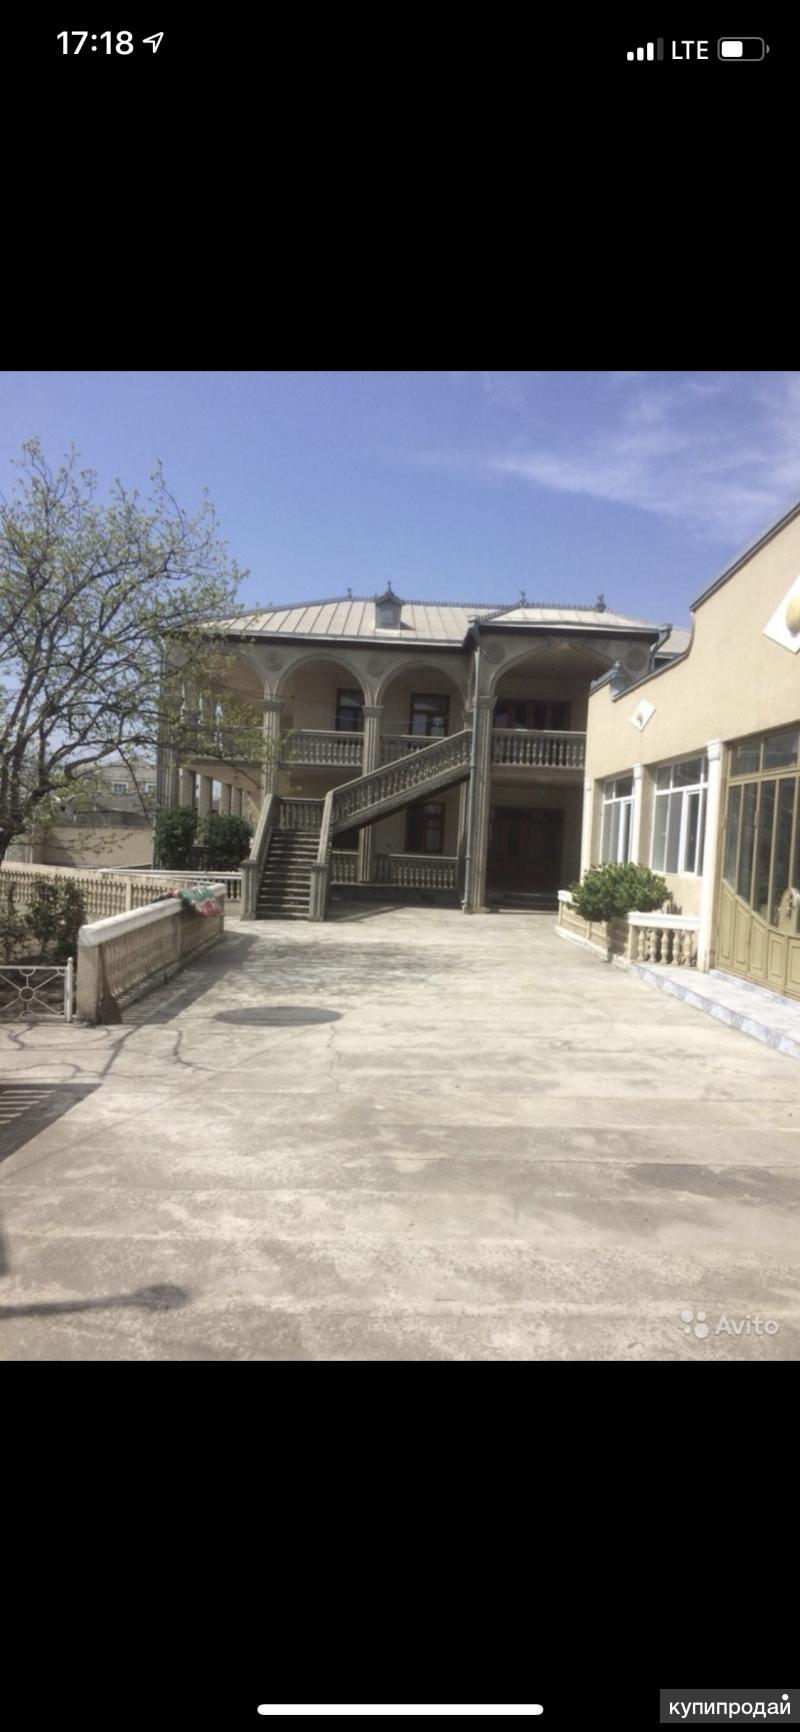 Продам дом в Грузии.